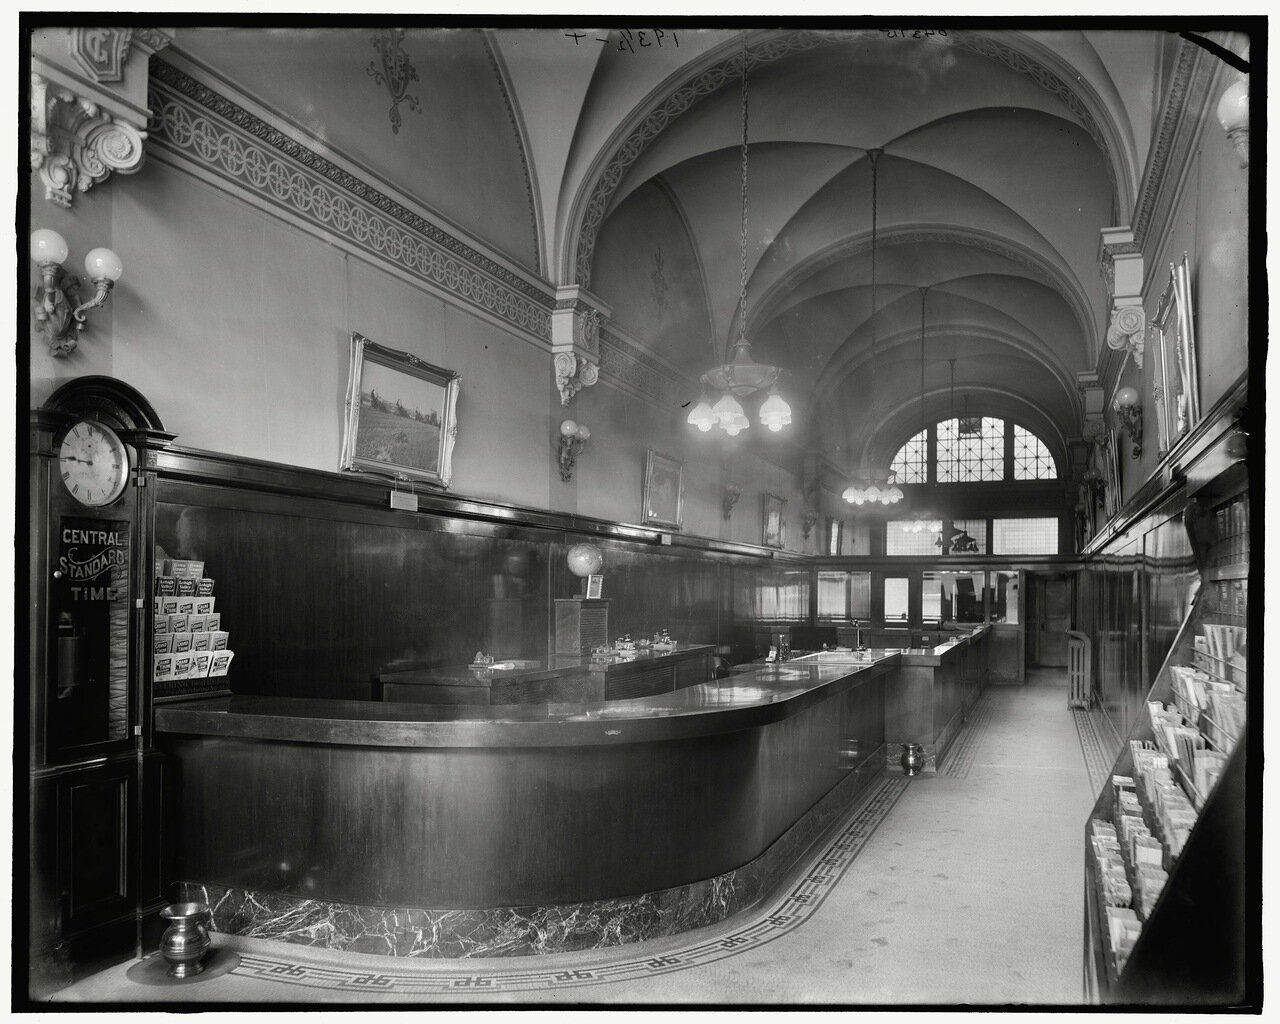 Касса Западной железной дороги, Детройт, примерно 1905-15 гг.